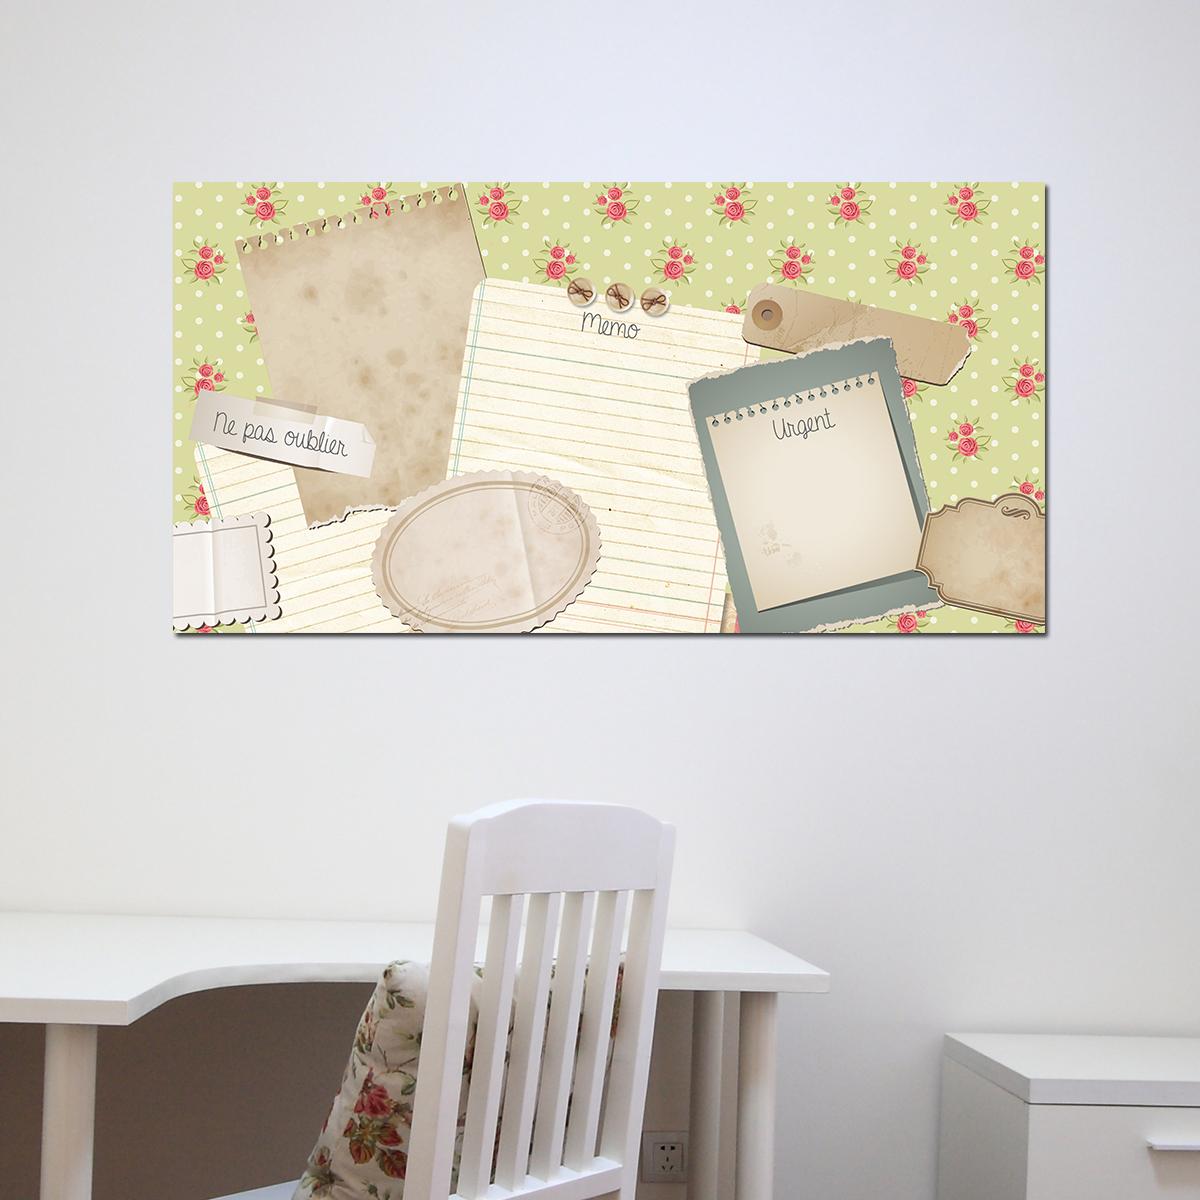 papier peint magn tique sticker papier peint magn tique scrapbook ambiance. Black Bedroom Furniture Sets. Home Design Ideas